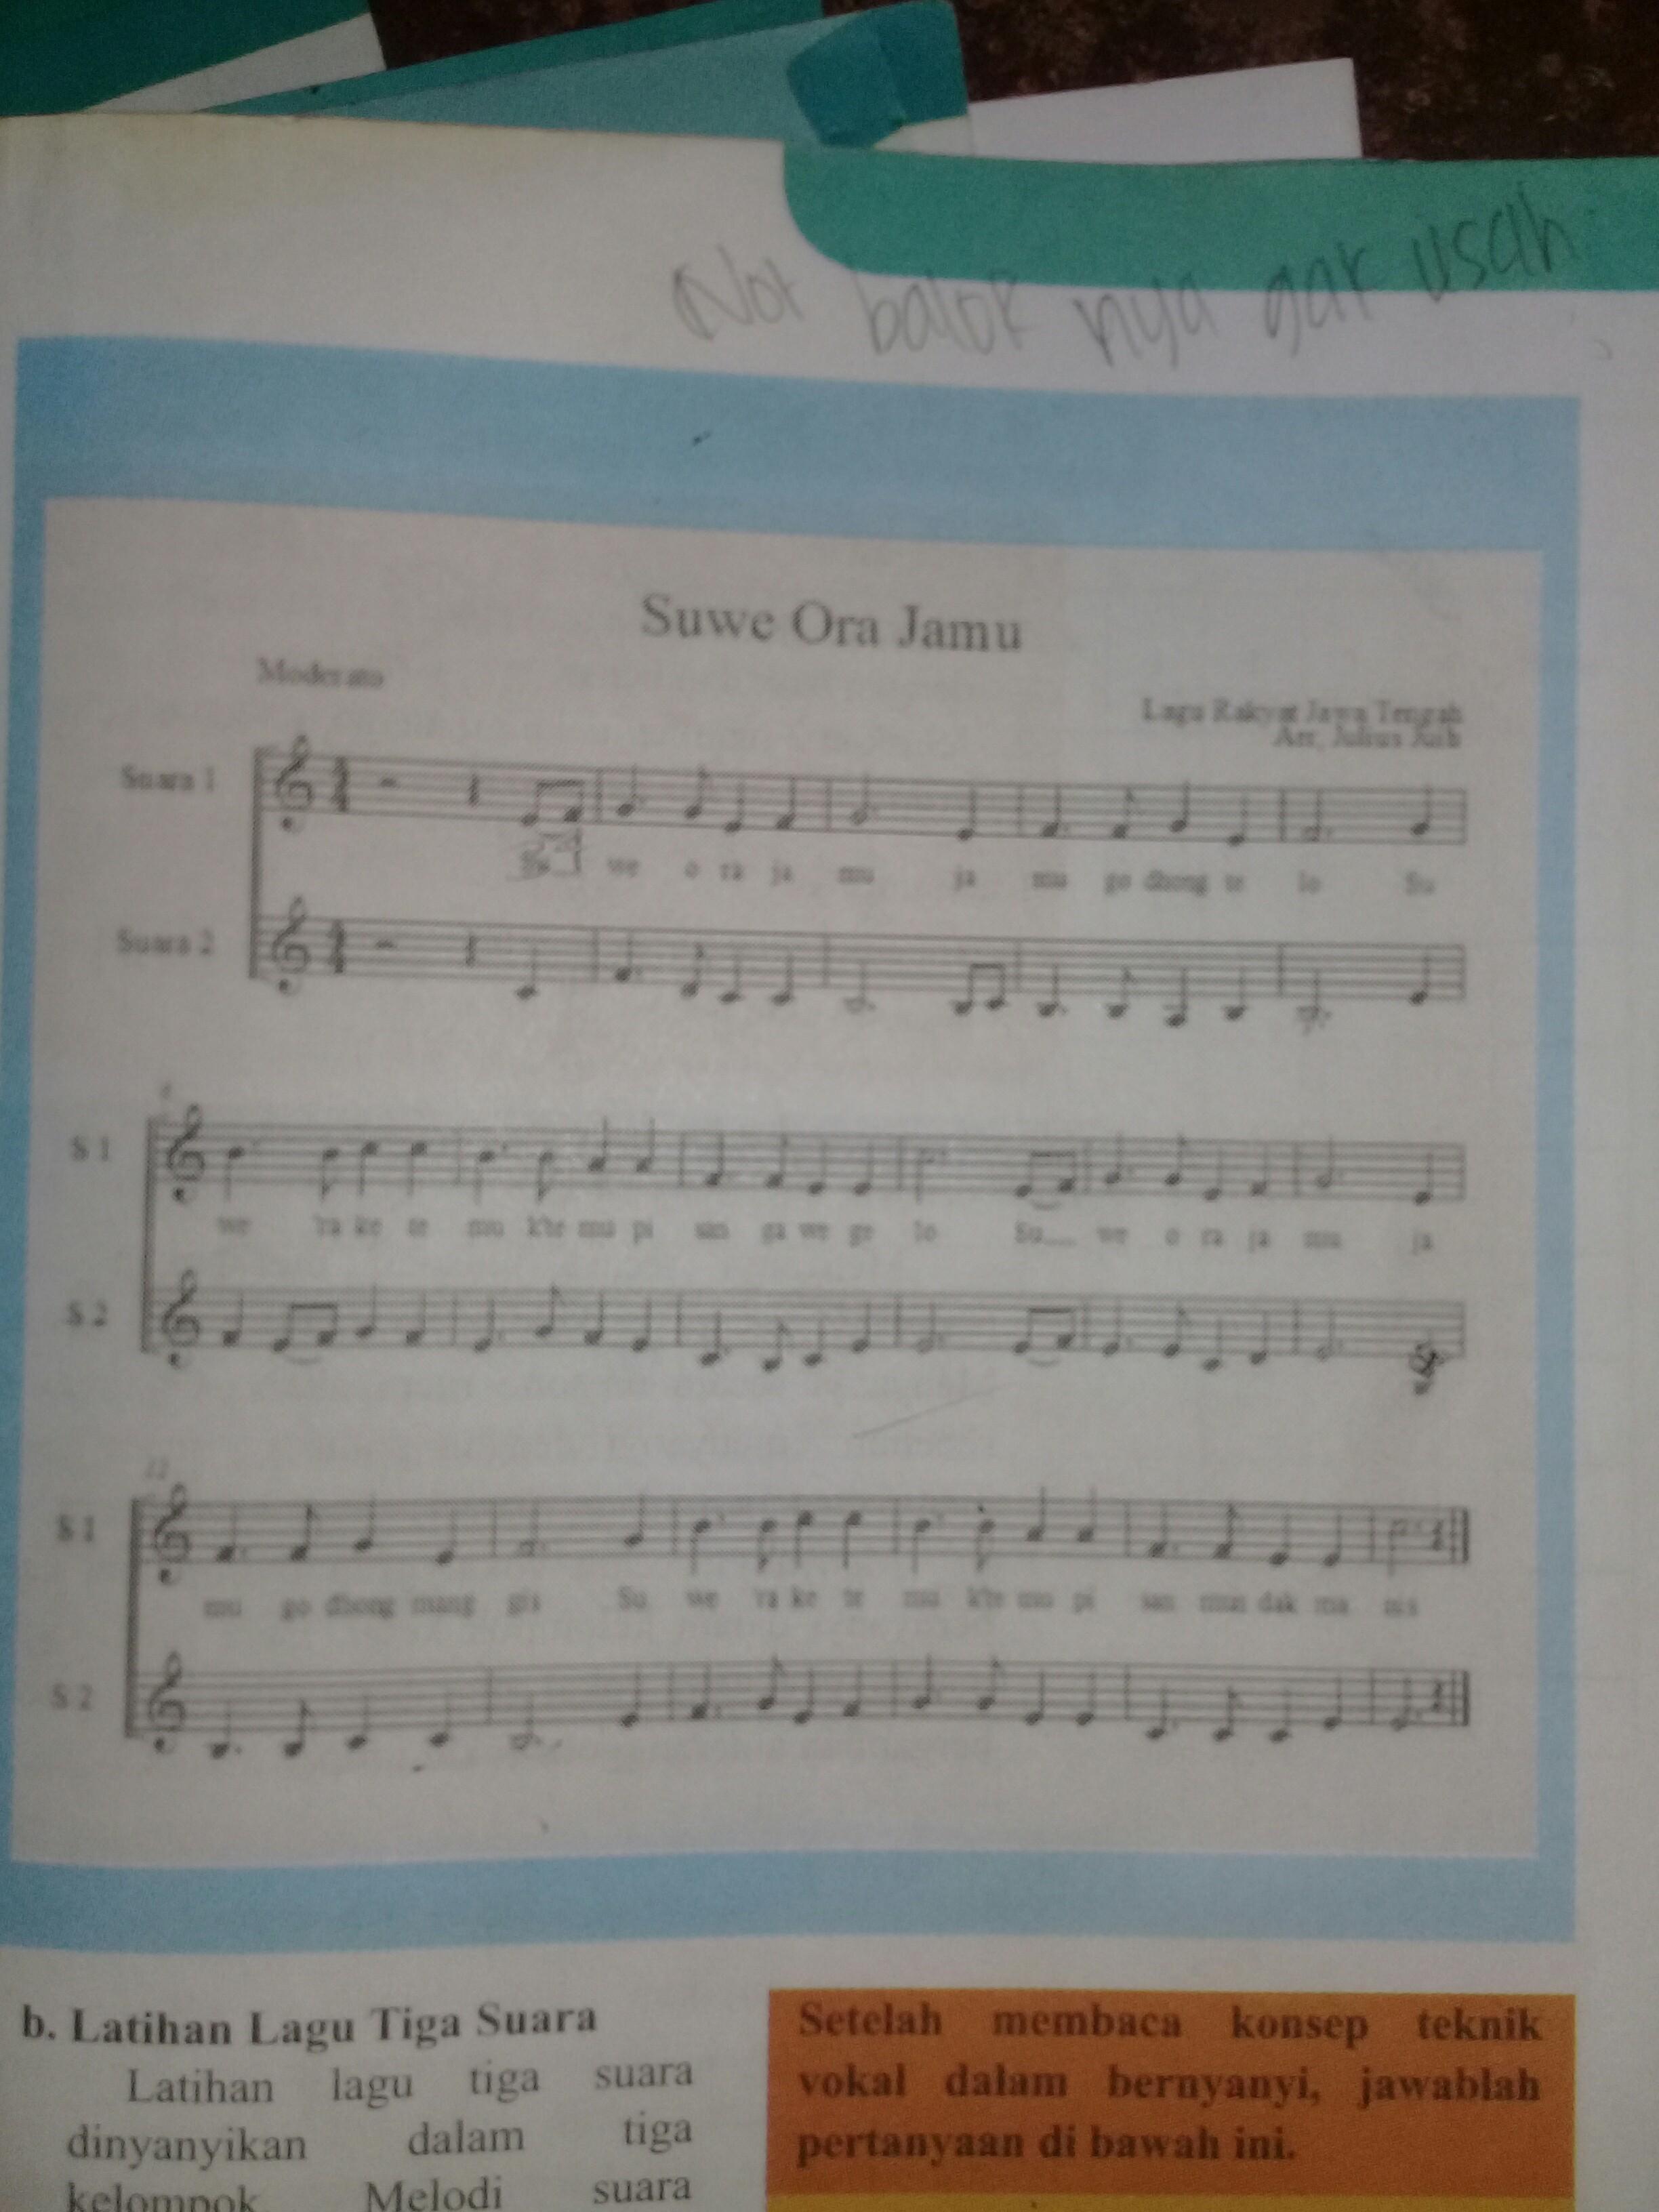 Lagu Suwe Ora Jamu Berasal Dari : berasal, Pianika, Daerah